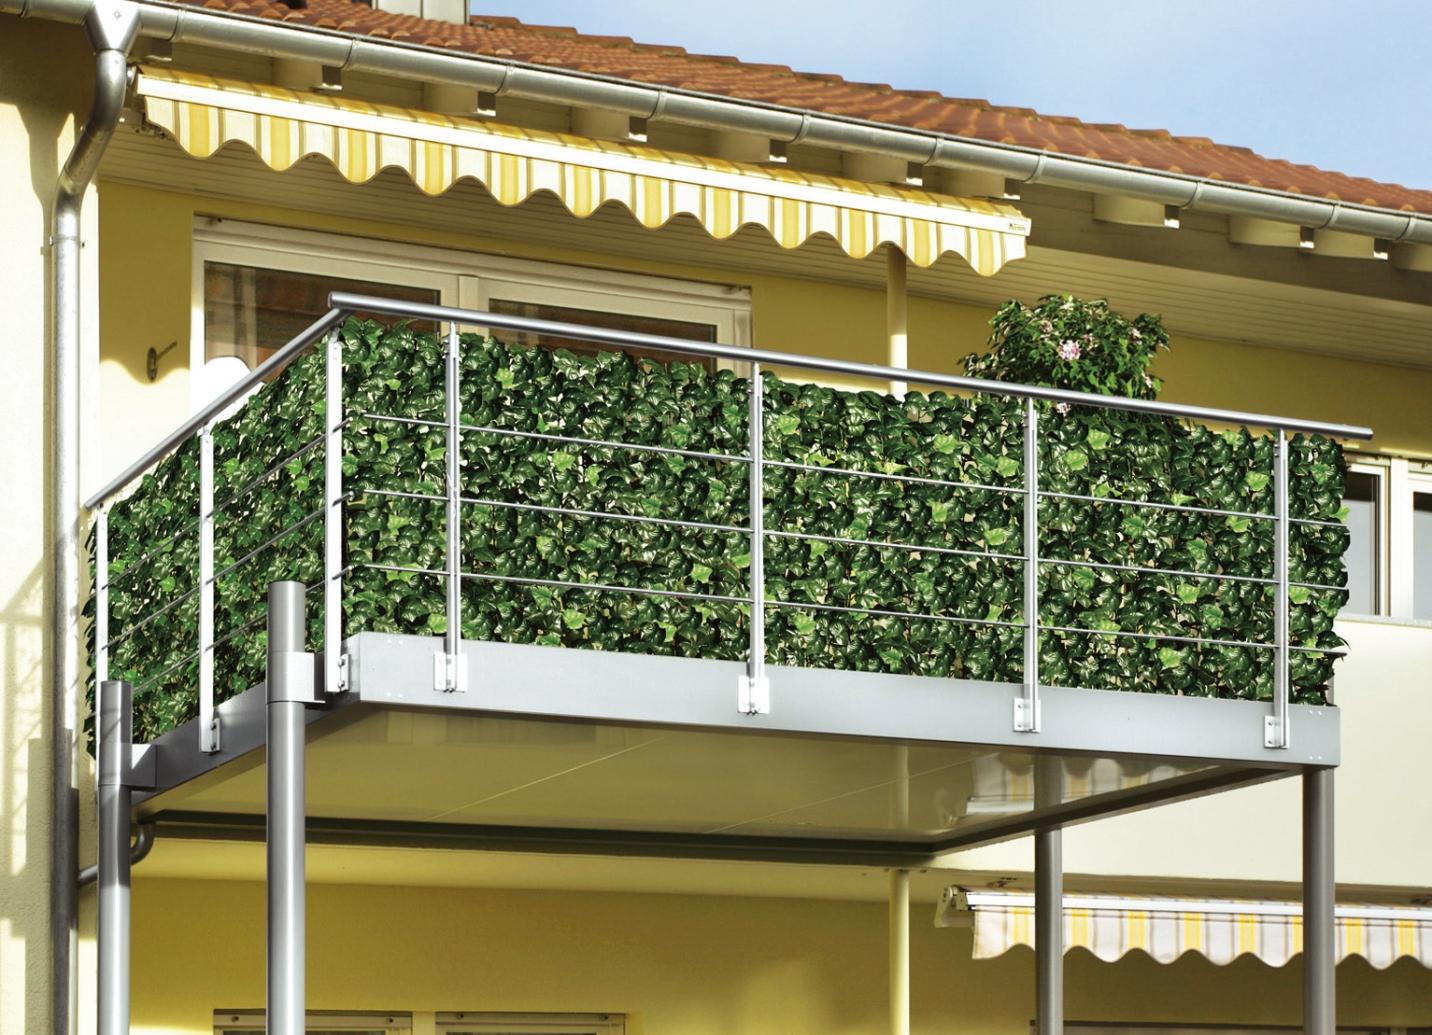 Sonnenschutz Für Balkon, Garten Und Terrasse Im Bader-onlineshop Balkon Pflanzen Blumen Sichtschutz